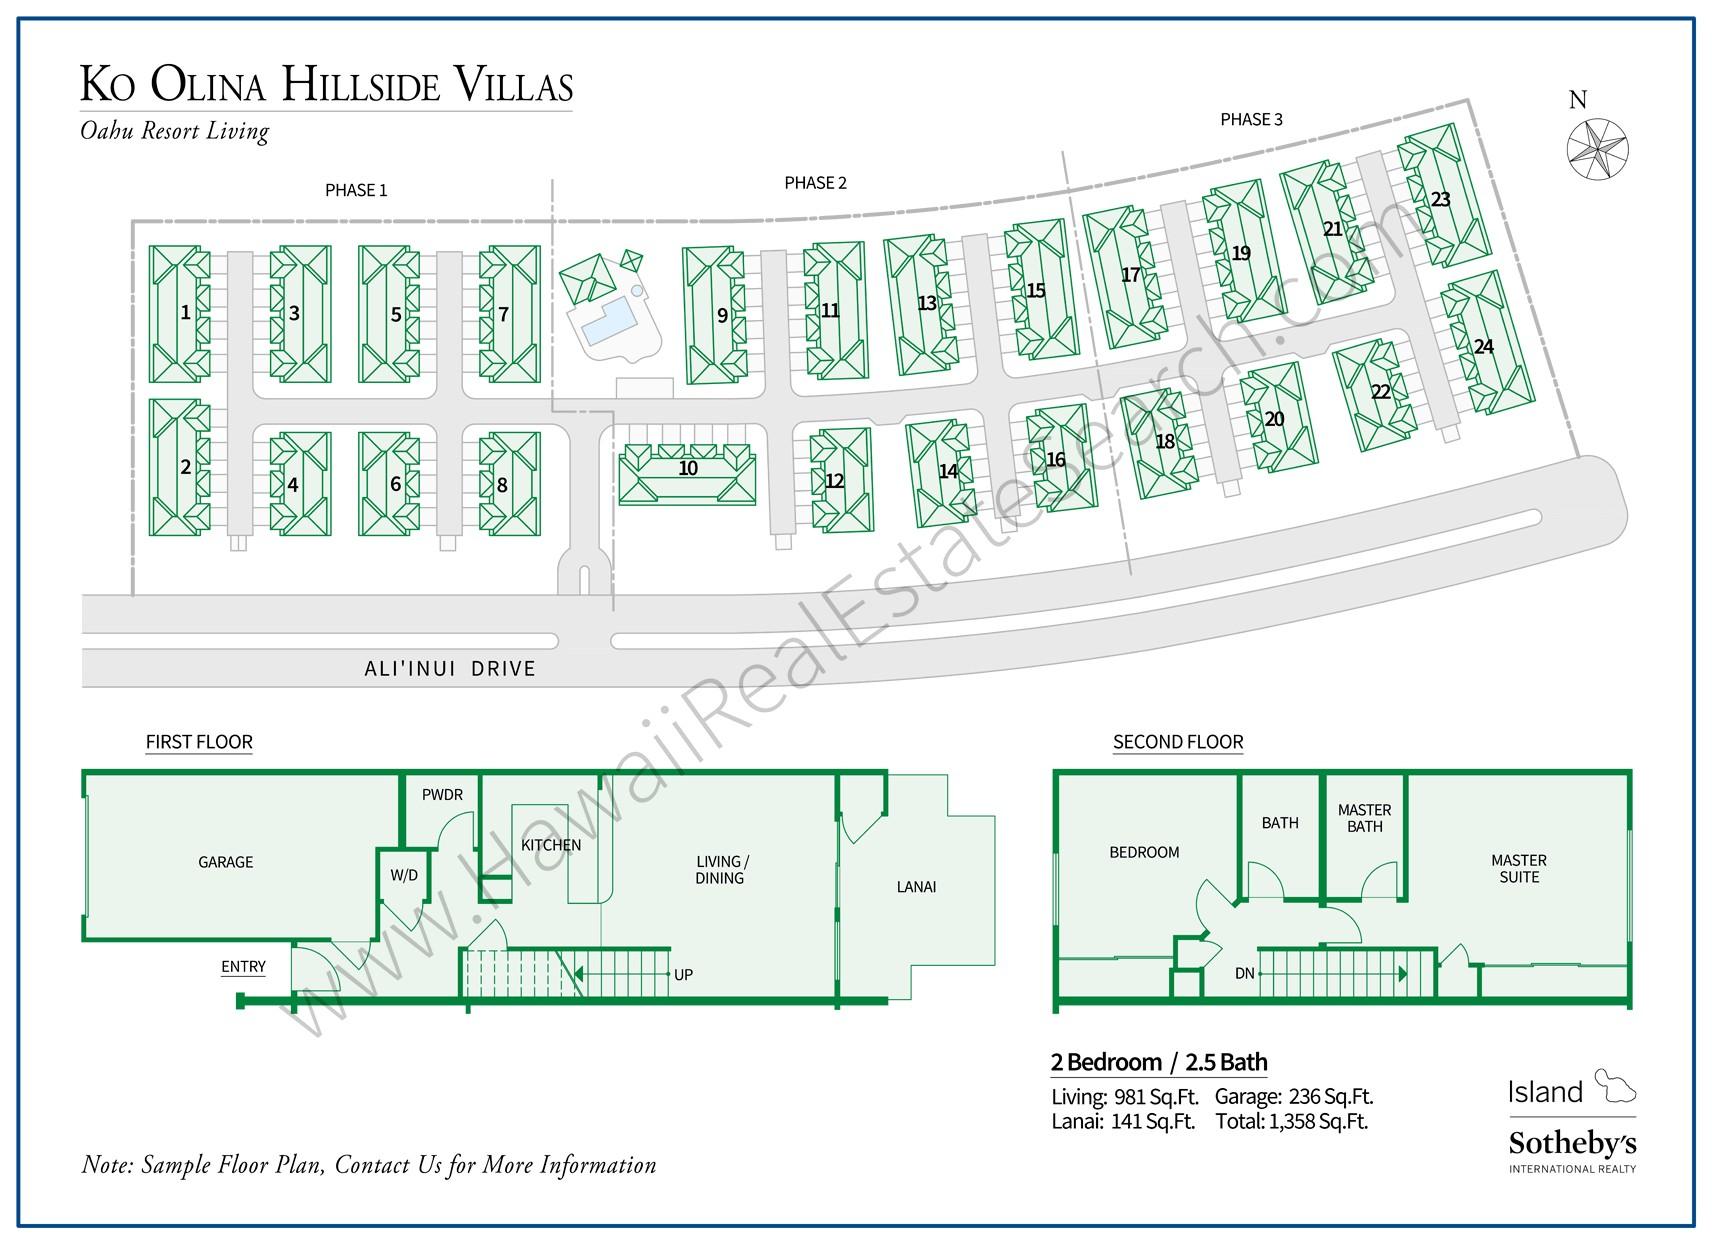 ko olina hillside villas property map